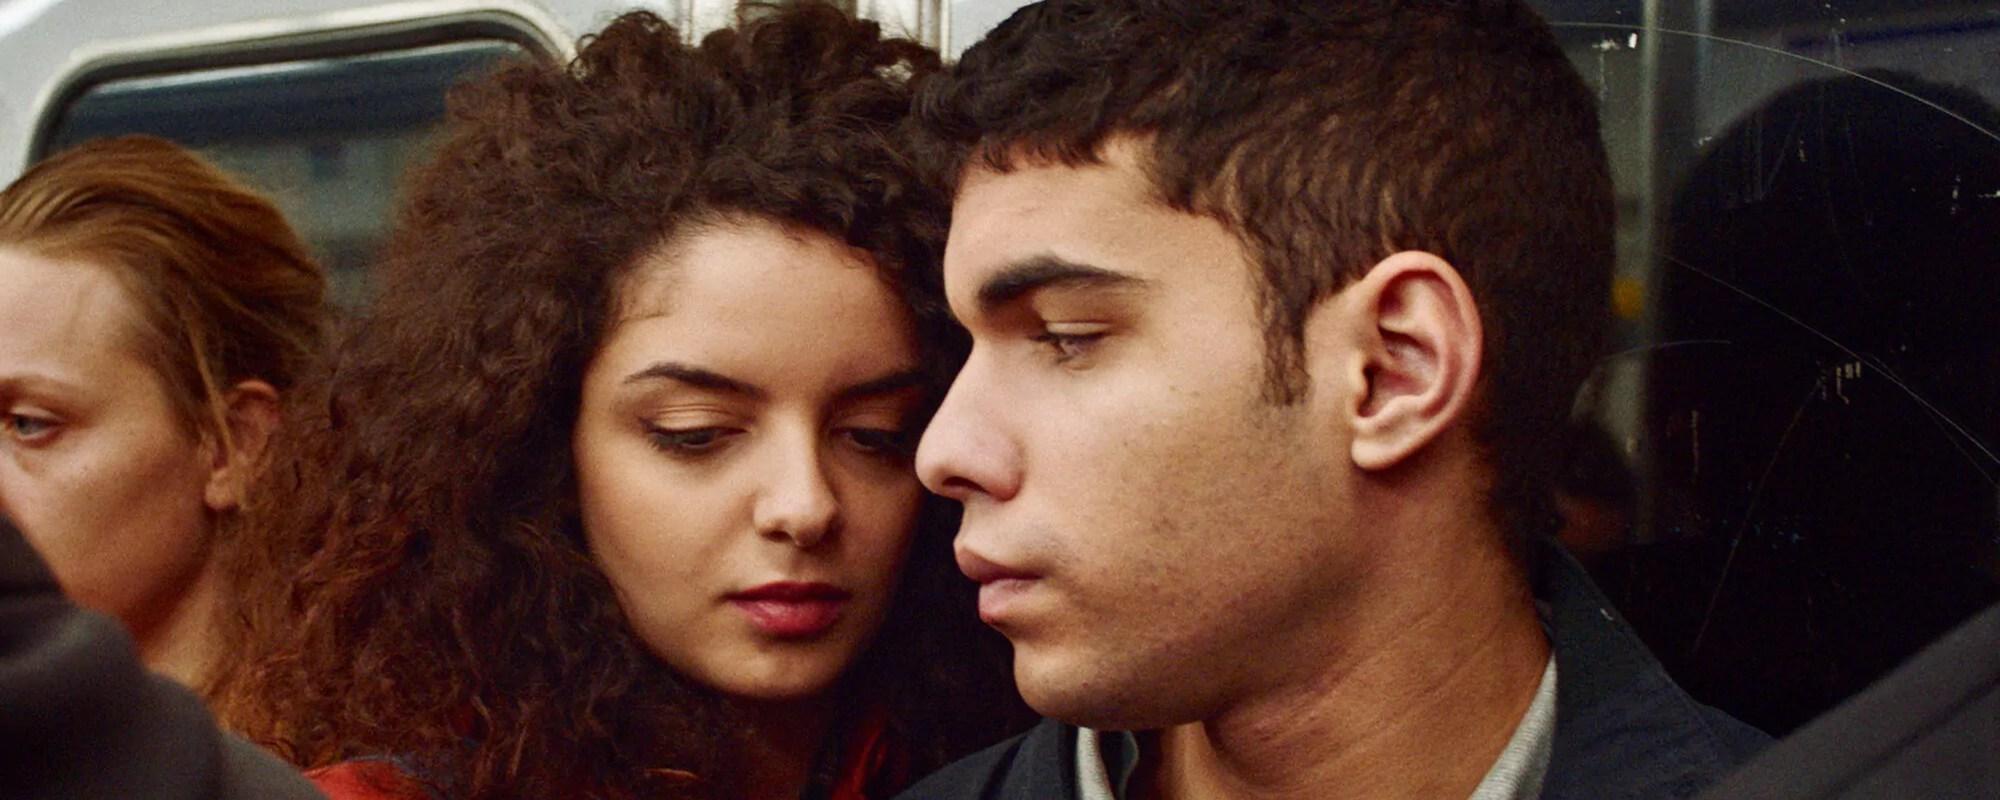 «Une histoire d'amour et de désir», subtil film sur l'éveil d'un jeune homme de banlieue